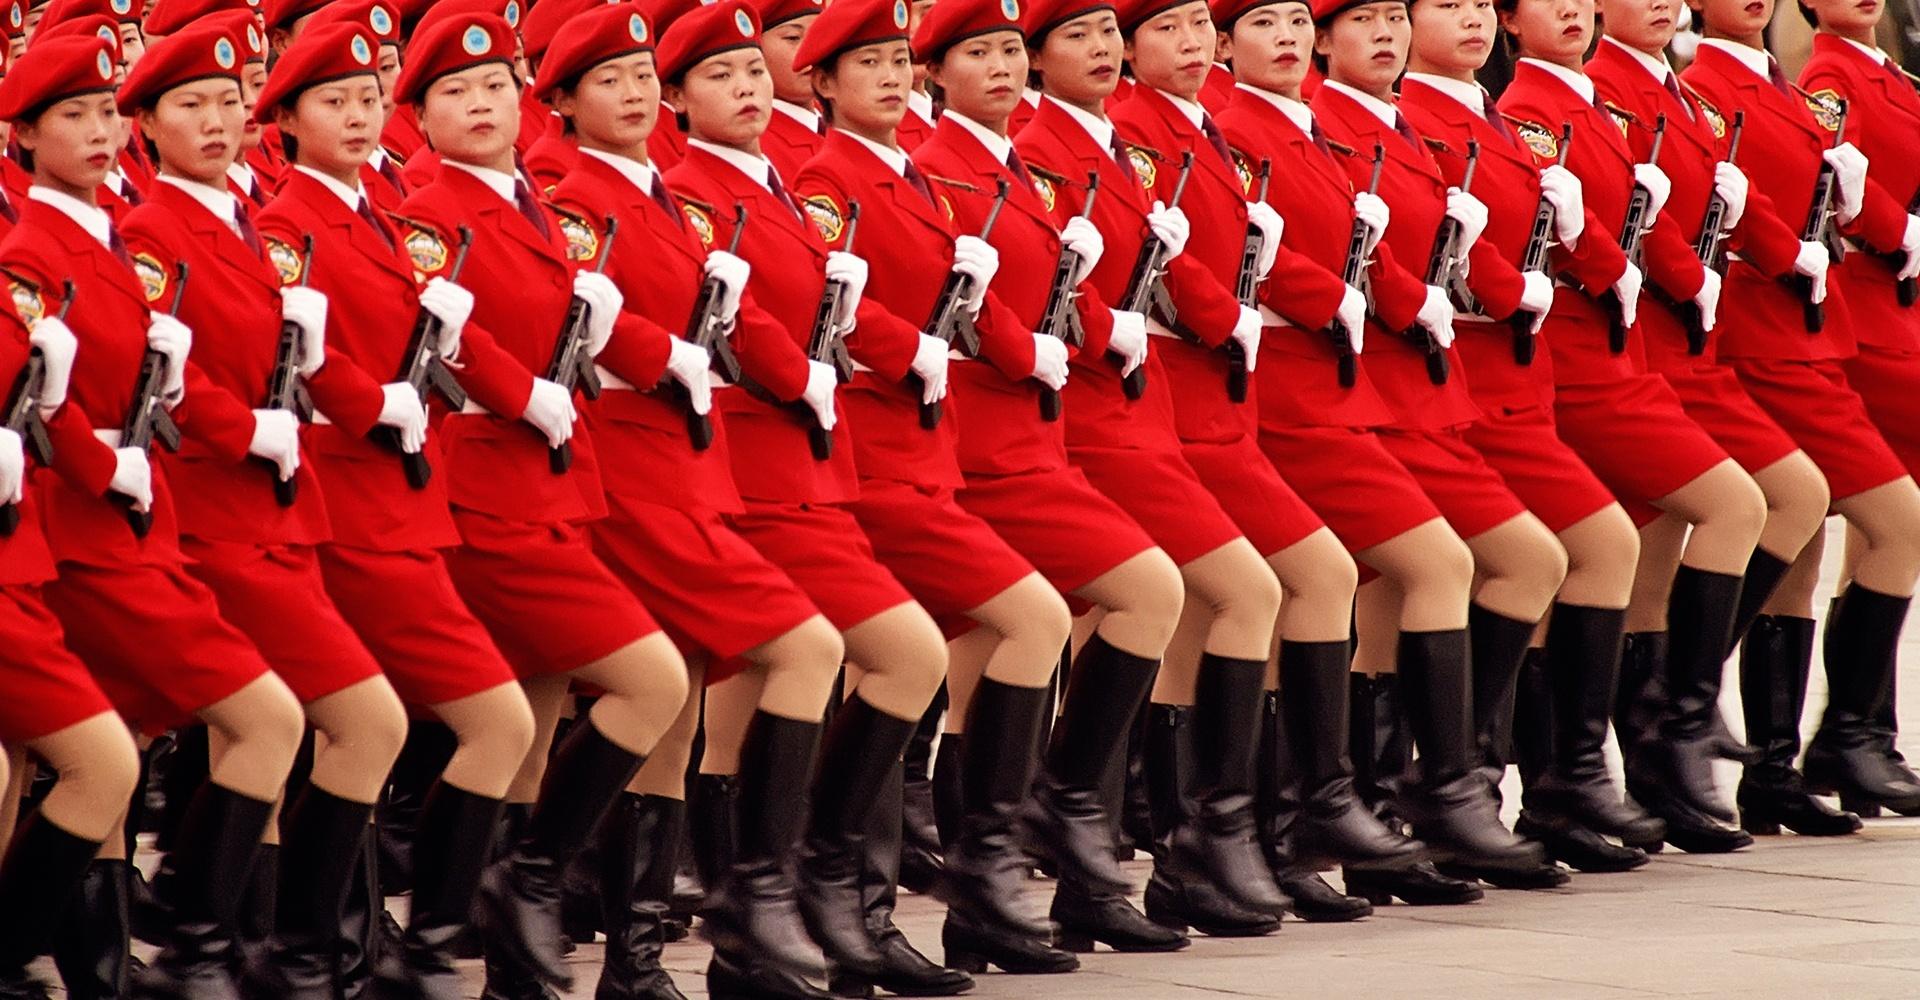 PRC Anniversary Red 283 - Beijing, China